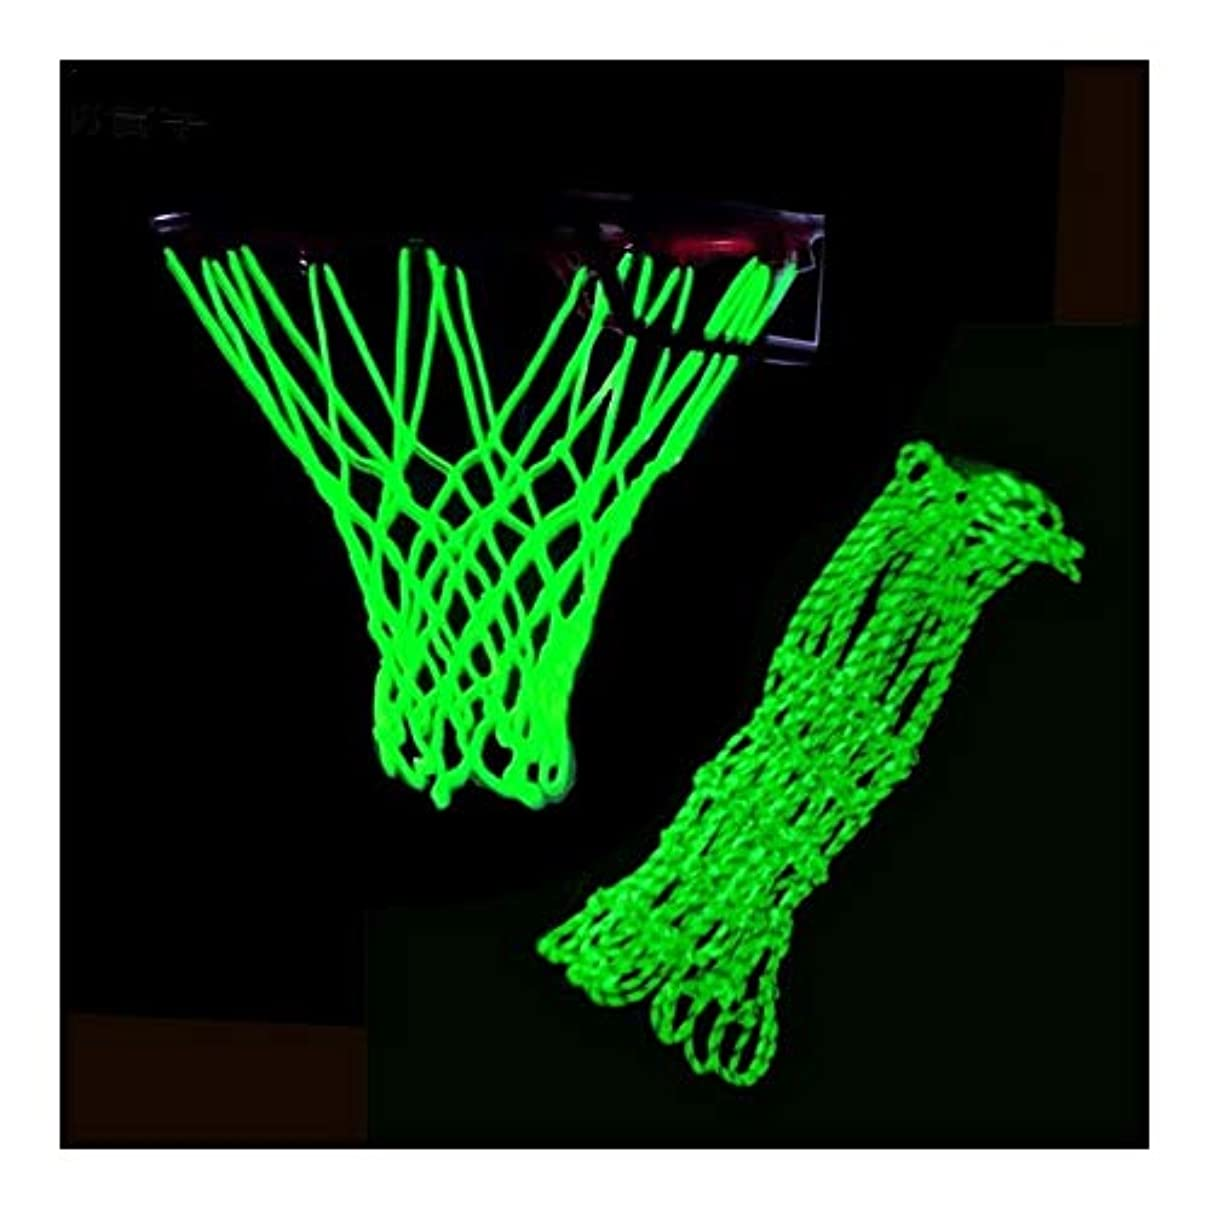 研磨剤気を散らすフライカイト美しくしっかり バスケットボールフープ交換用ネットは、暗い、屋外バスケットボールネット、ポータブルソーラースポーツナイロンバスケットボールネット、標準サイズ調節可能で光ります 耐久性のある (Color : A)